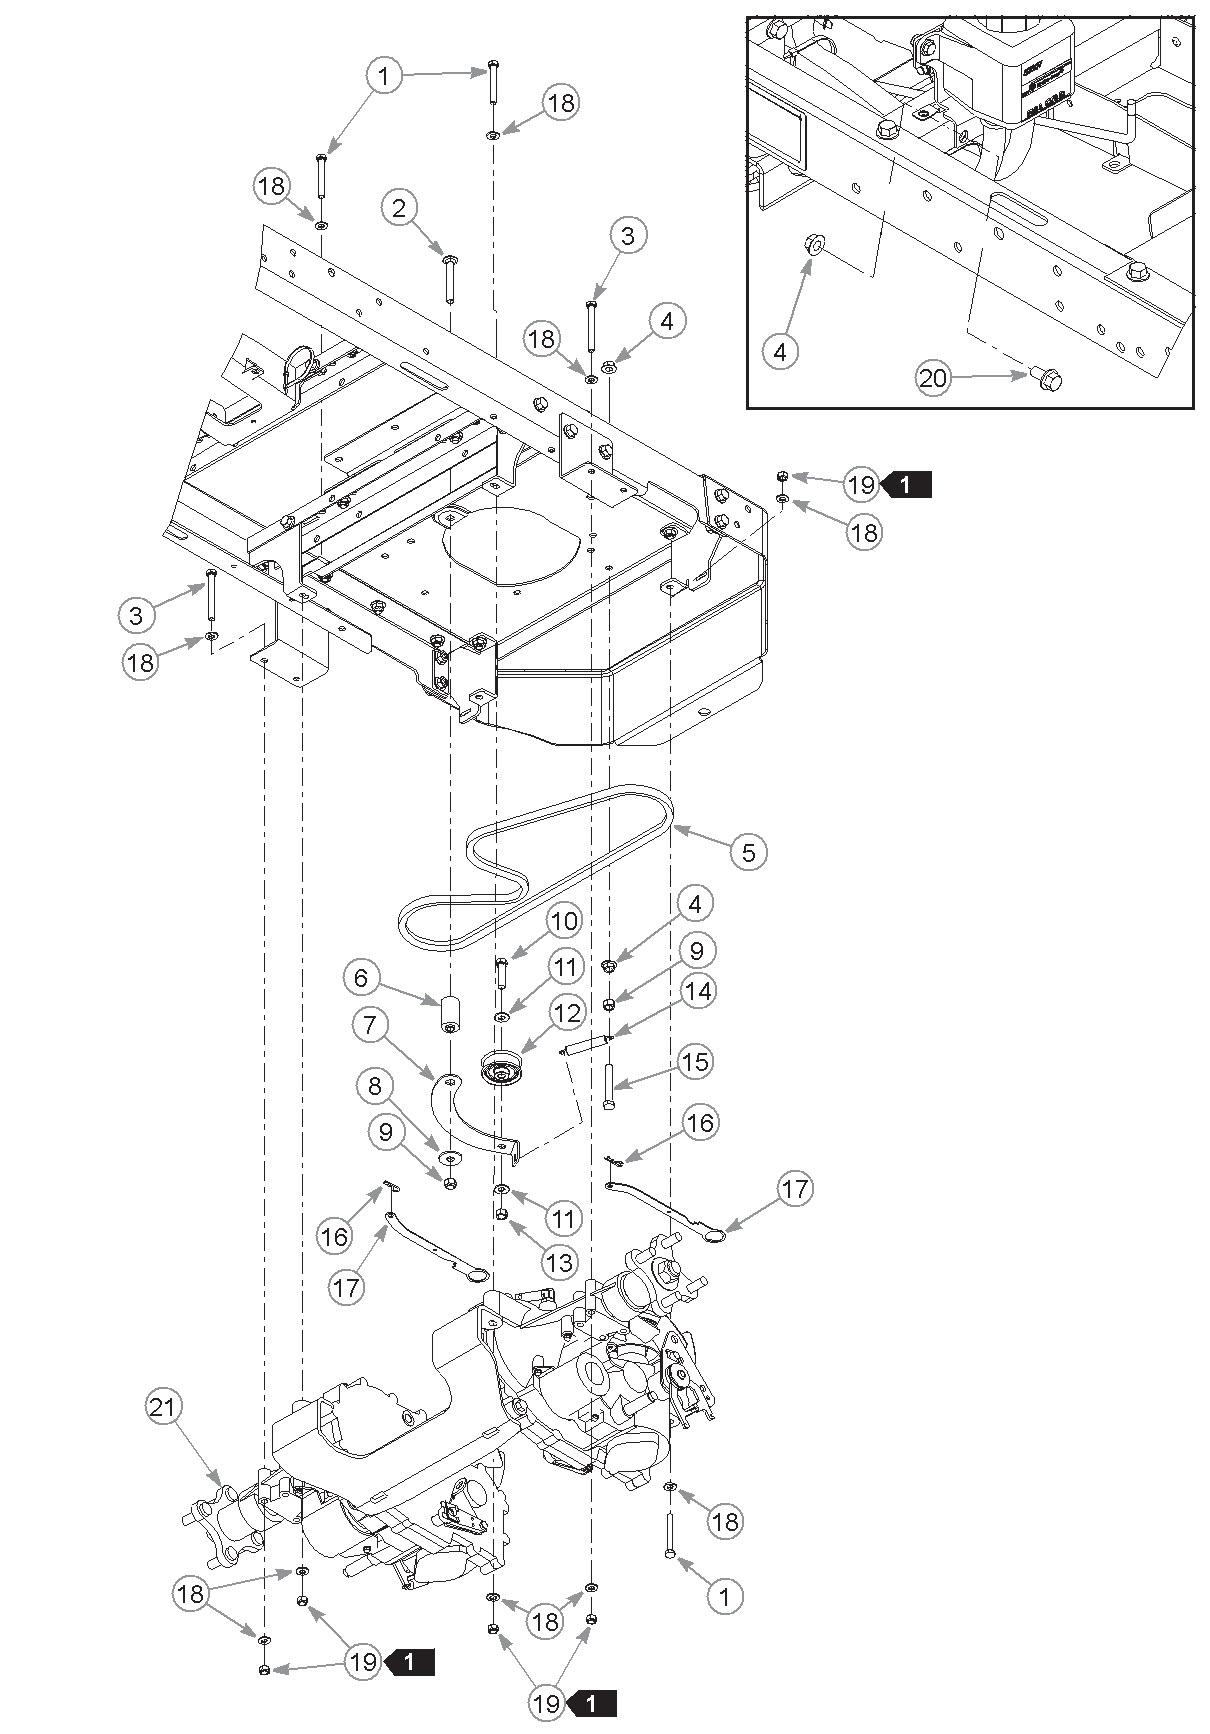 Hydraulic System - Models 936559EX, 936542EX, 936534EX ...